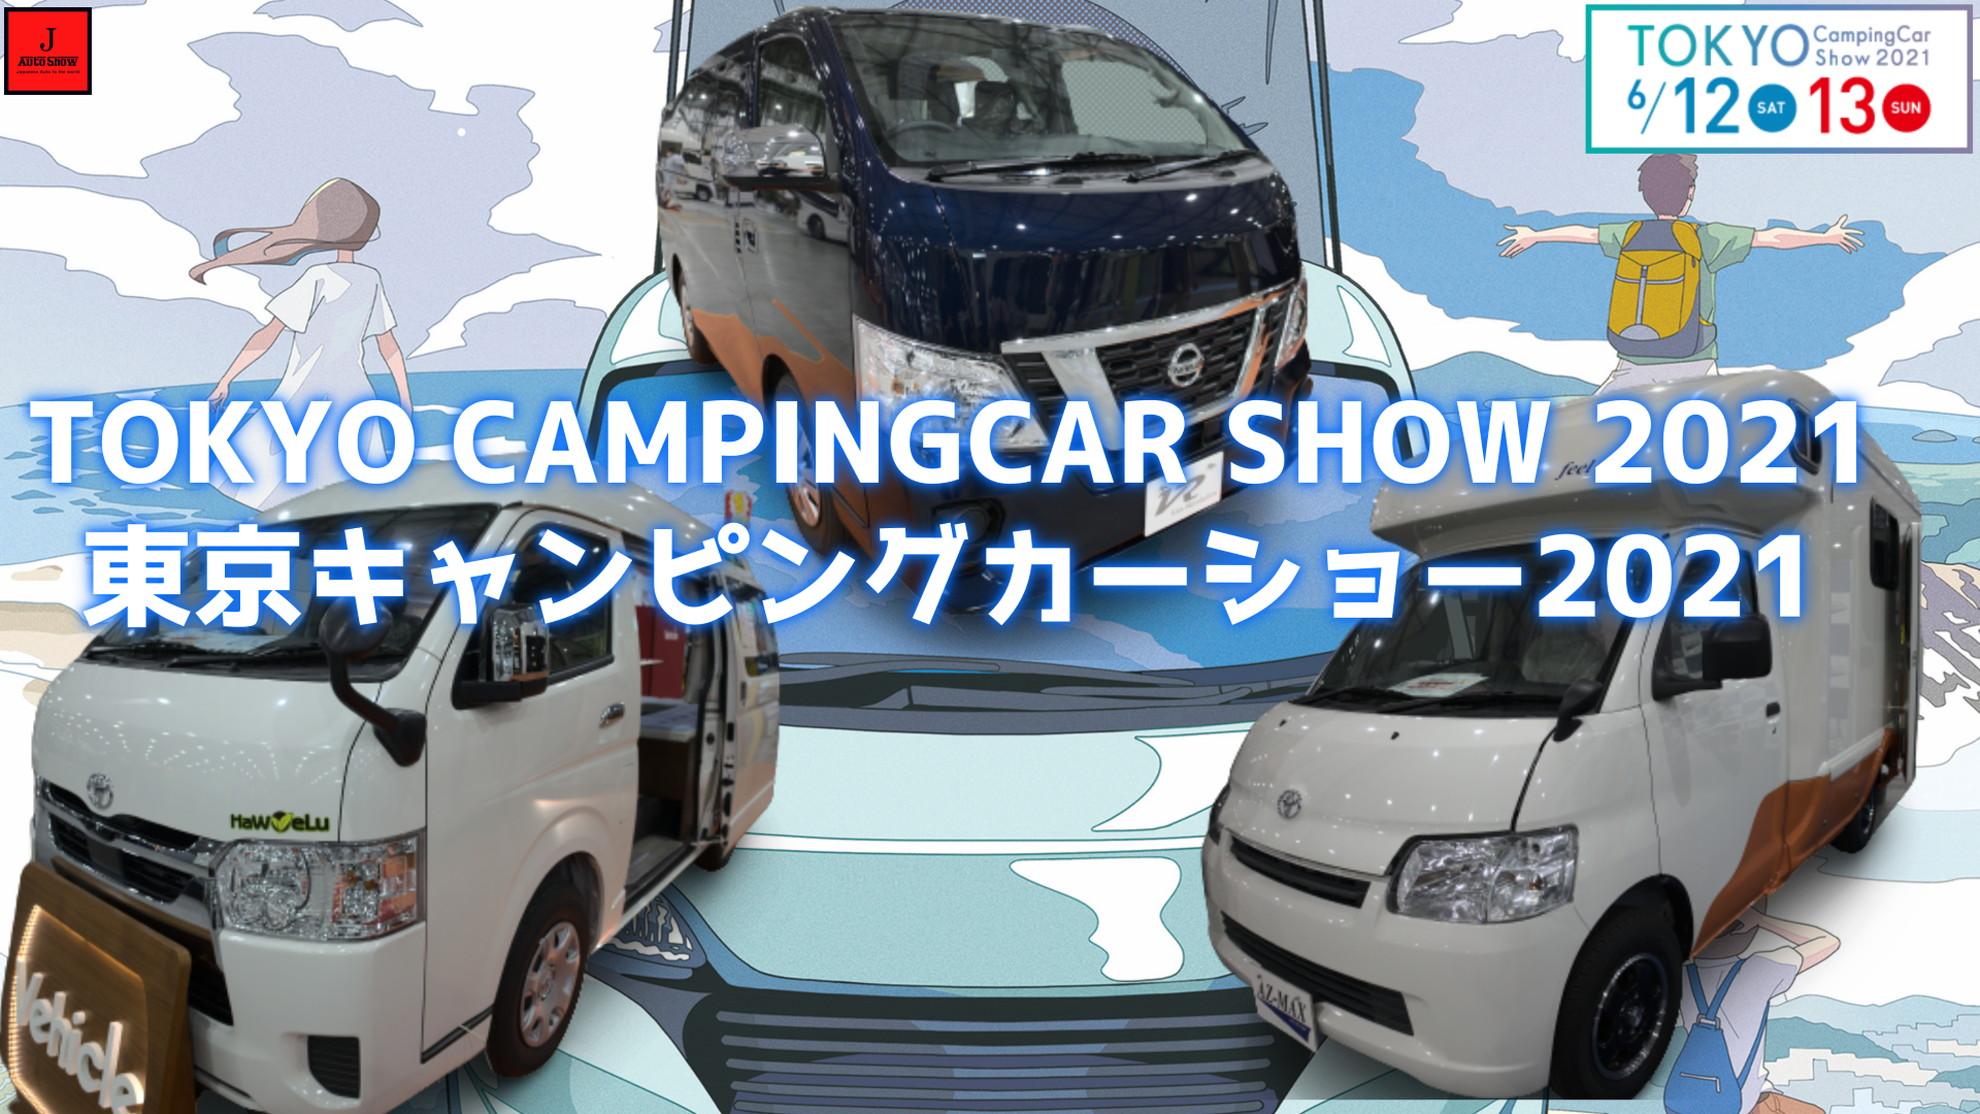 東京キャンピングカーショー2021 出展車両動画配信